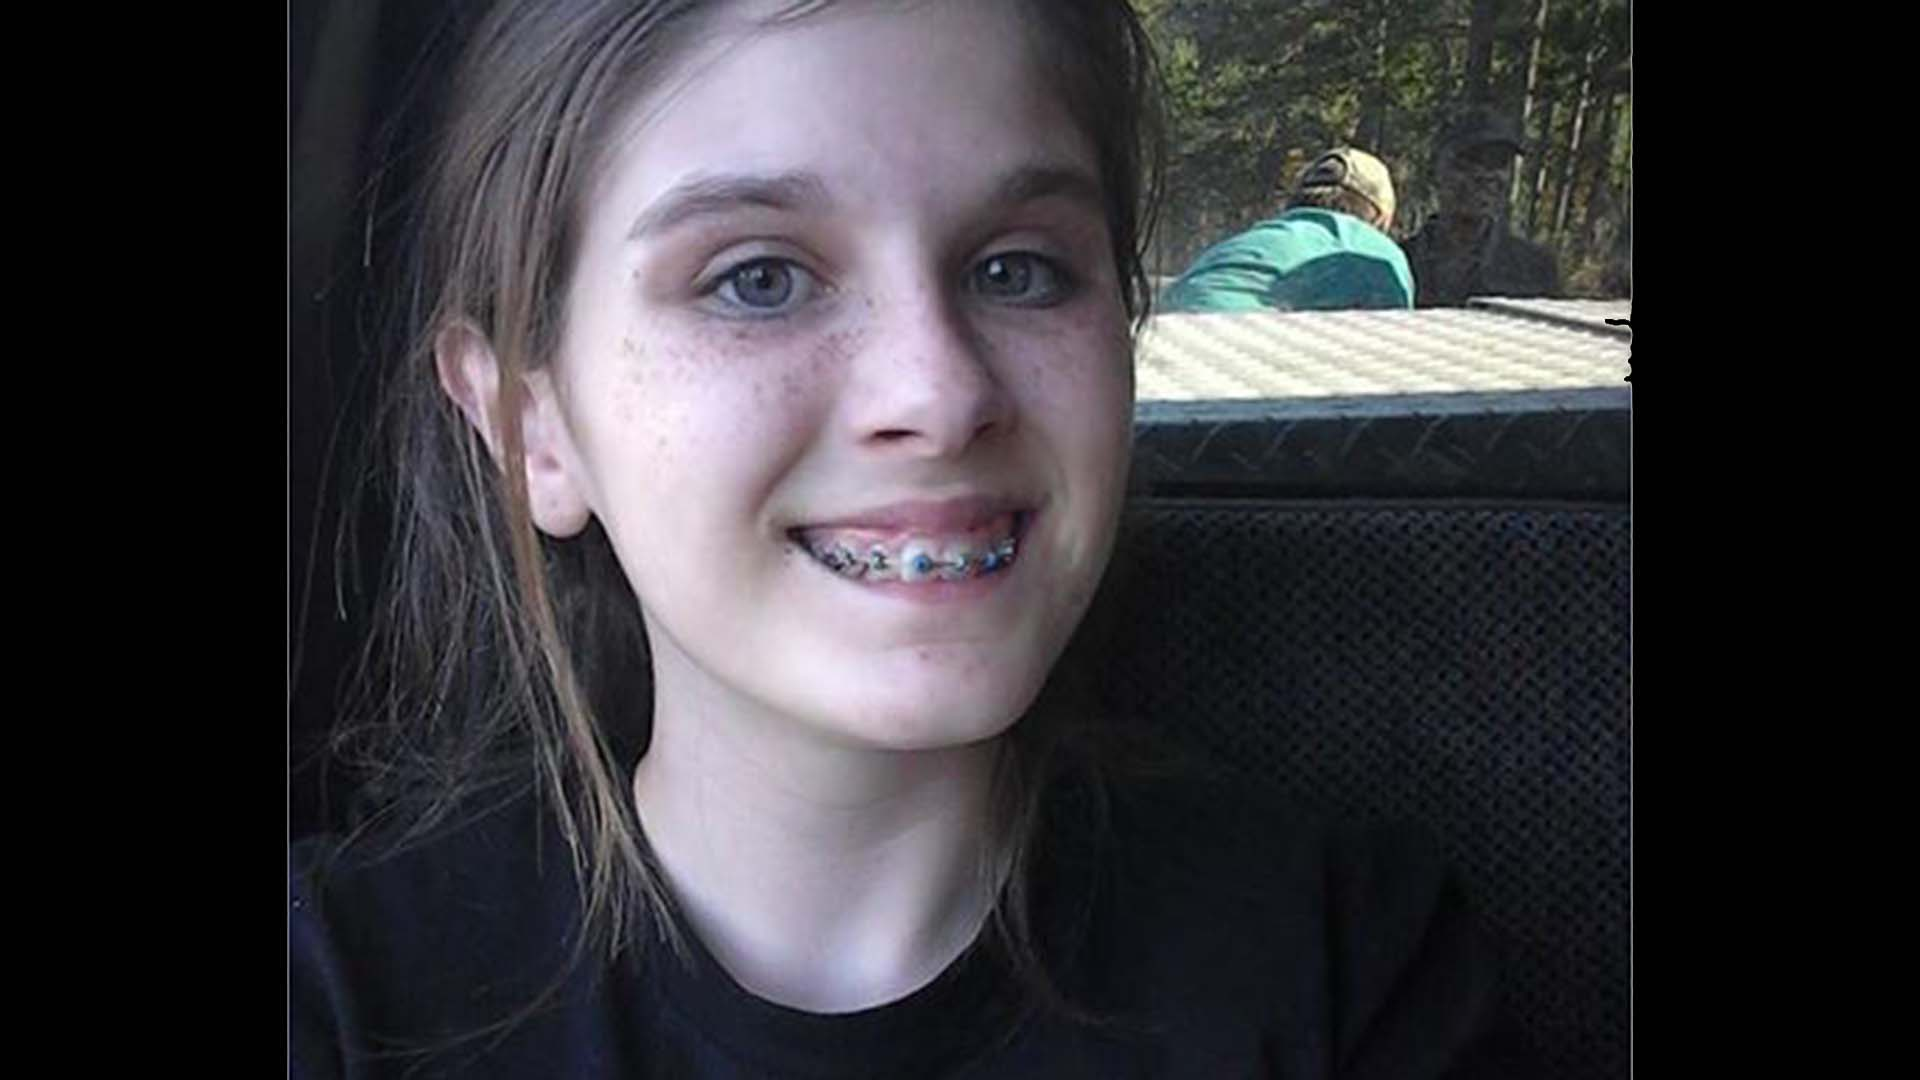 La selfie que se tomó esta niña de 13 años tiene un detalle espeluznante